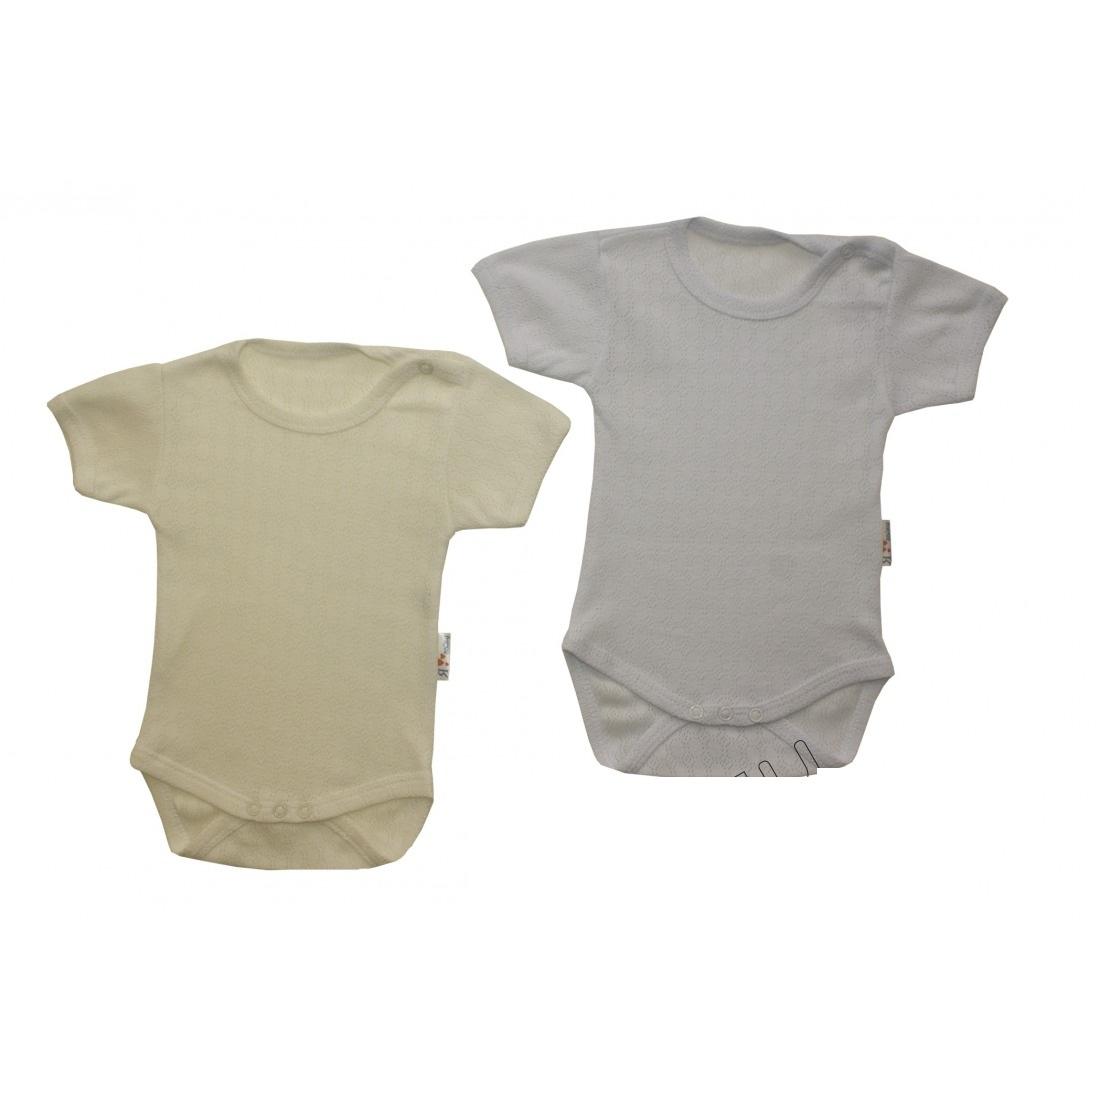 Боди детское с коротким рукавом ЗвездочкаБоди и песочники<br><br><br>Размер: 80